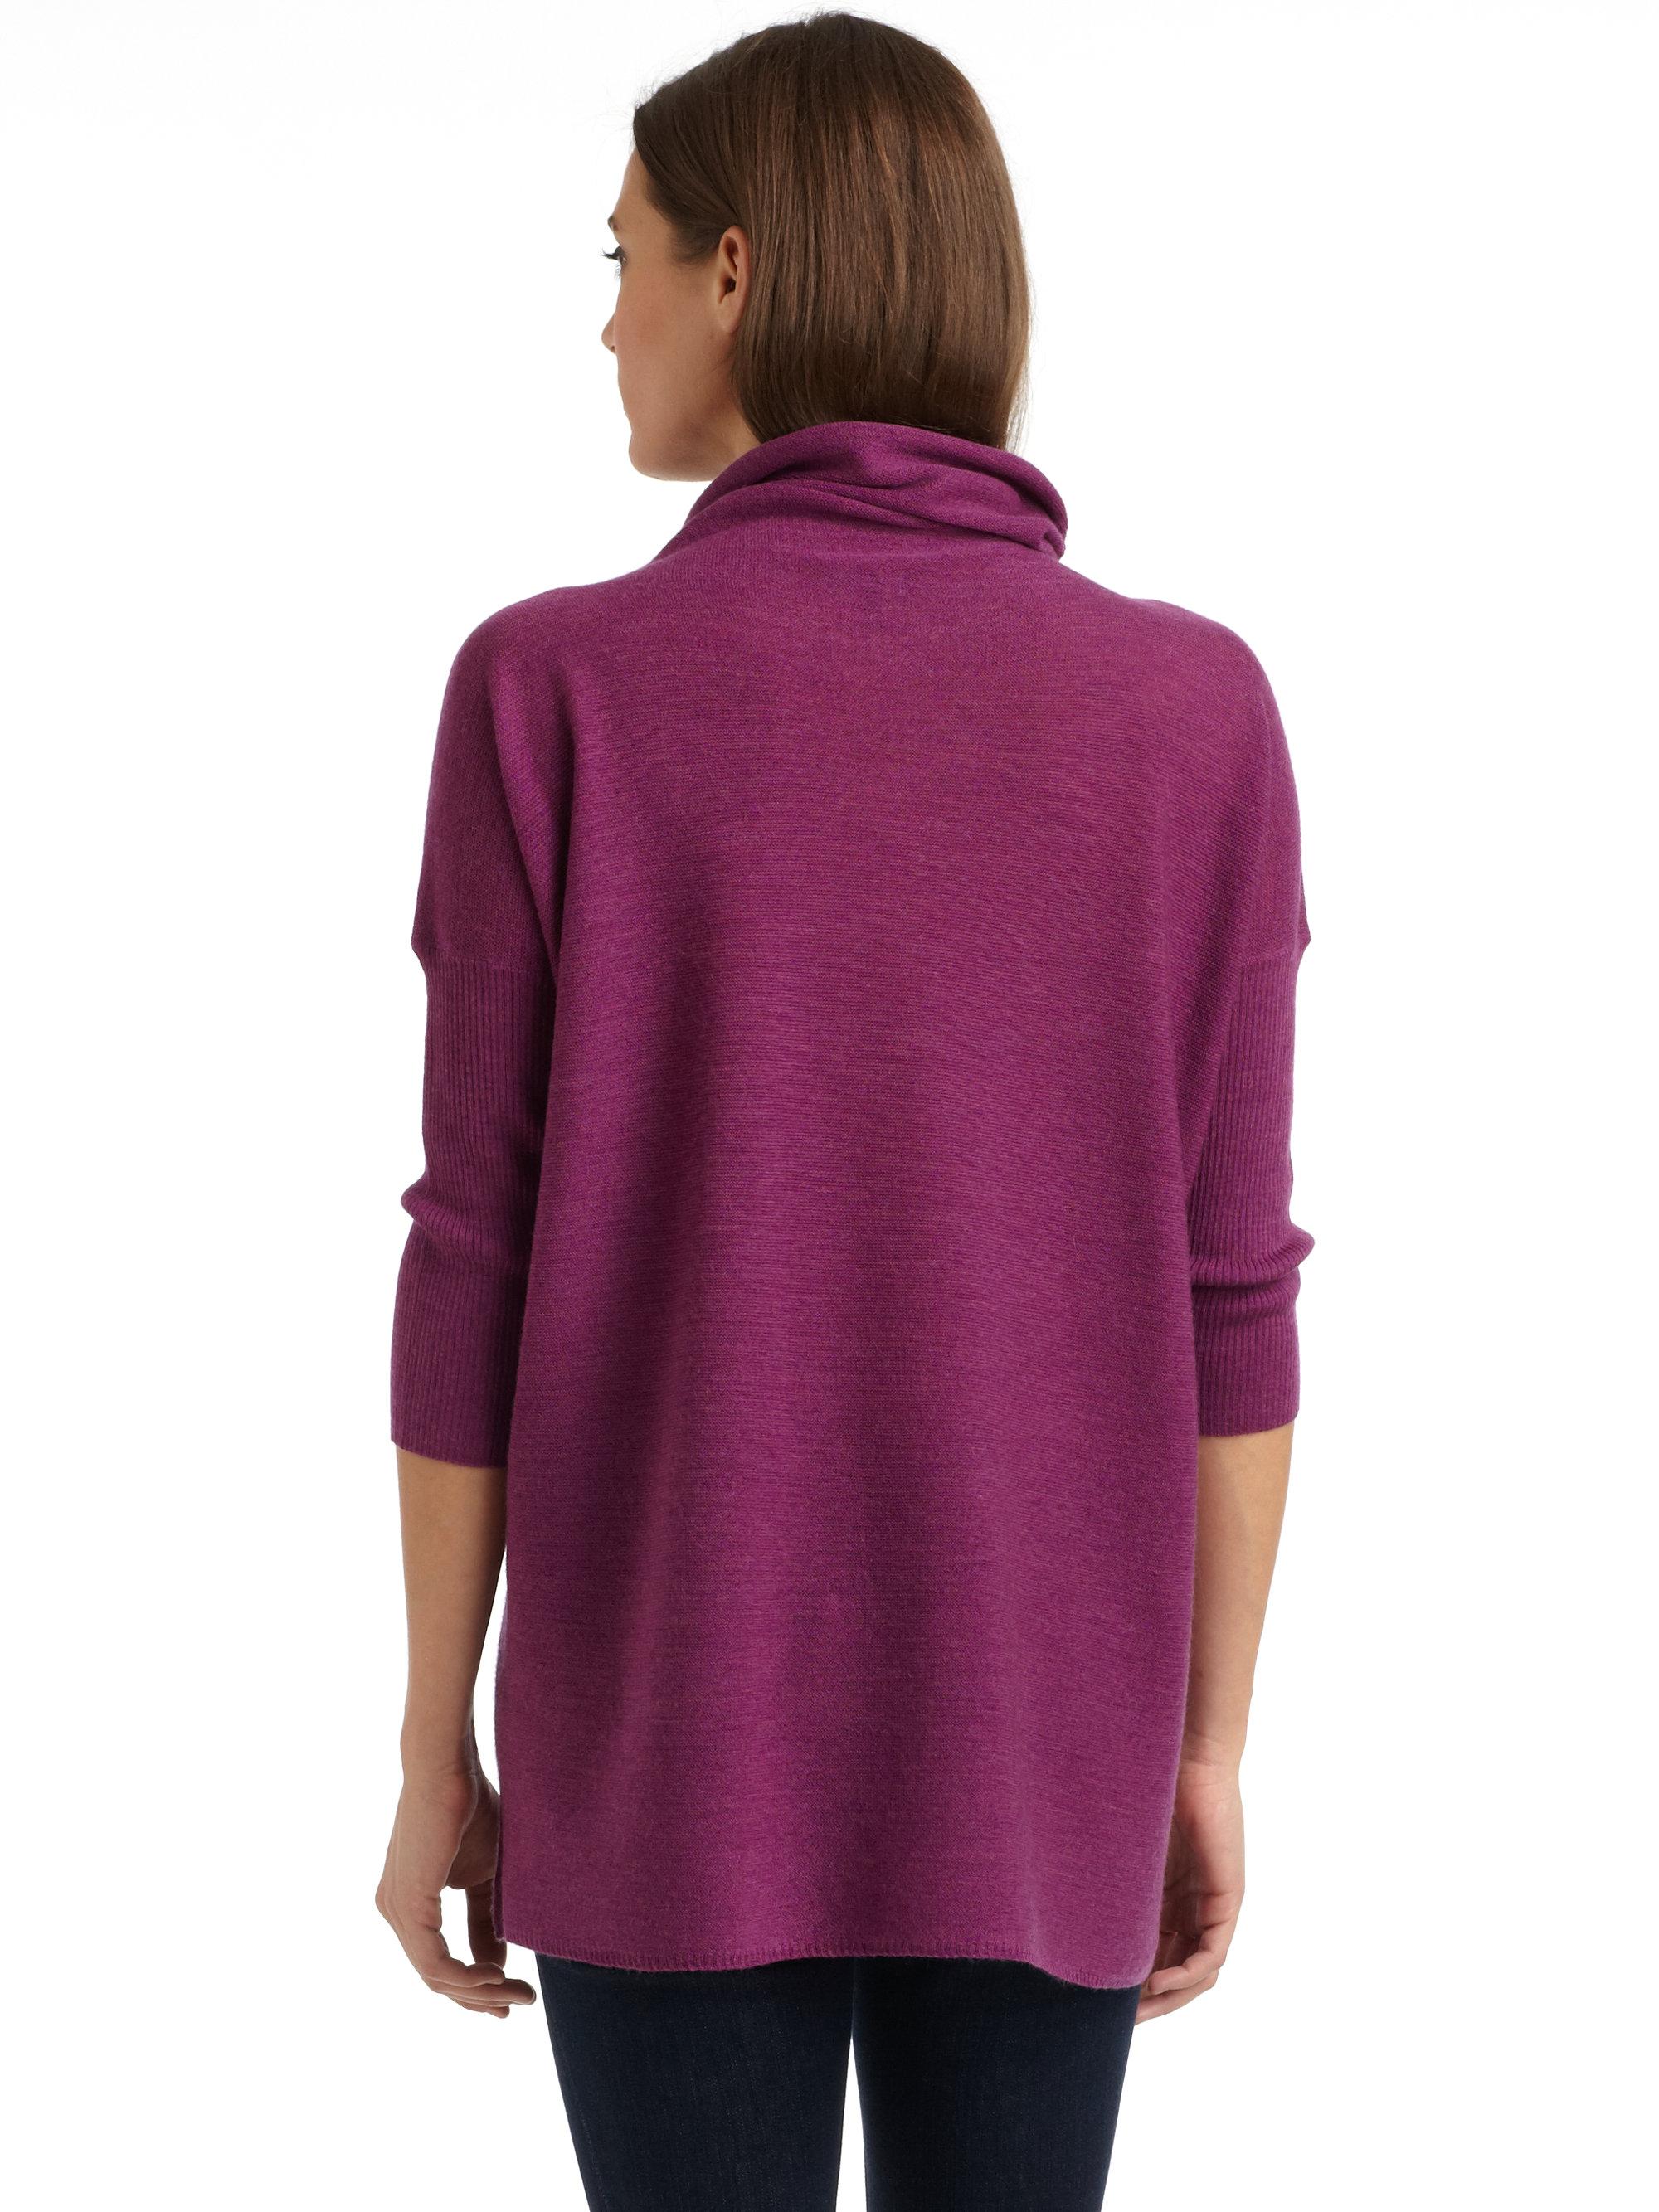 Eileen fisher Merino Wool Turtleneck in Purple | Lyst